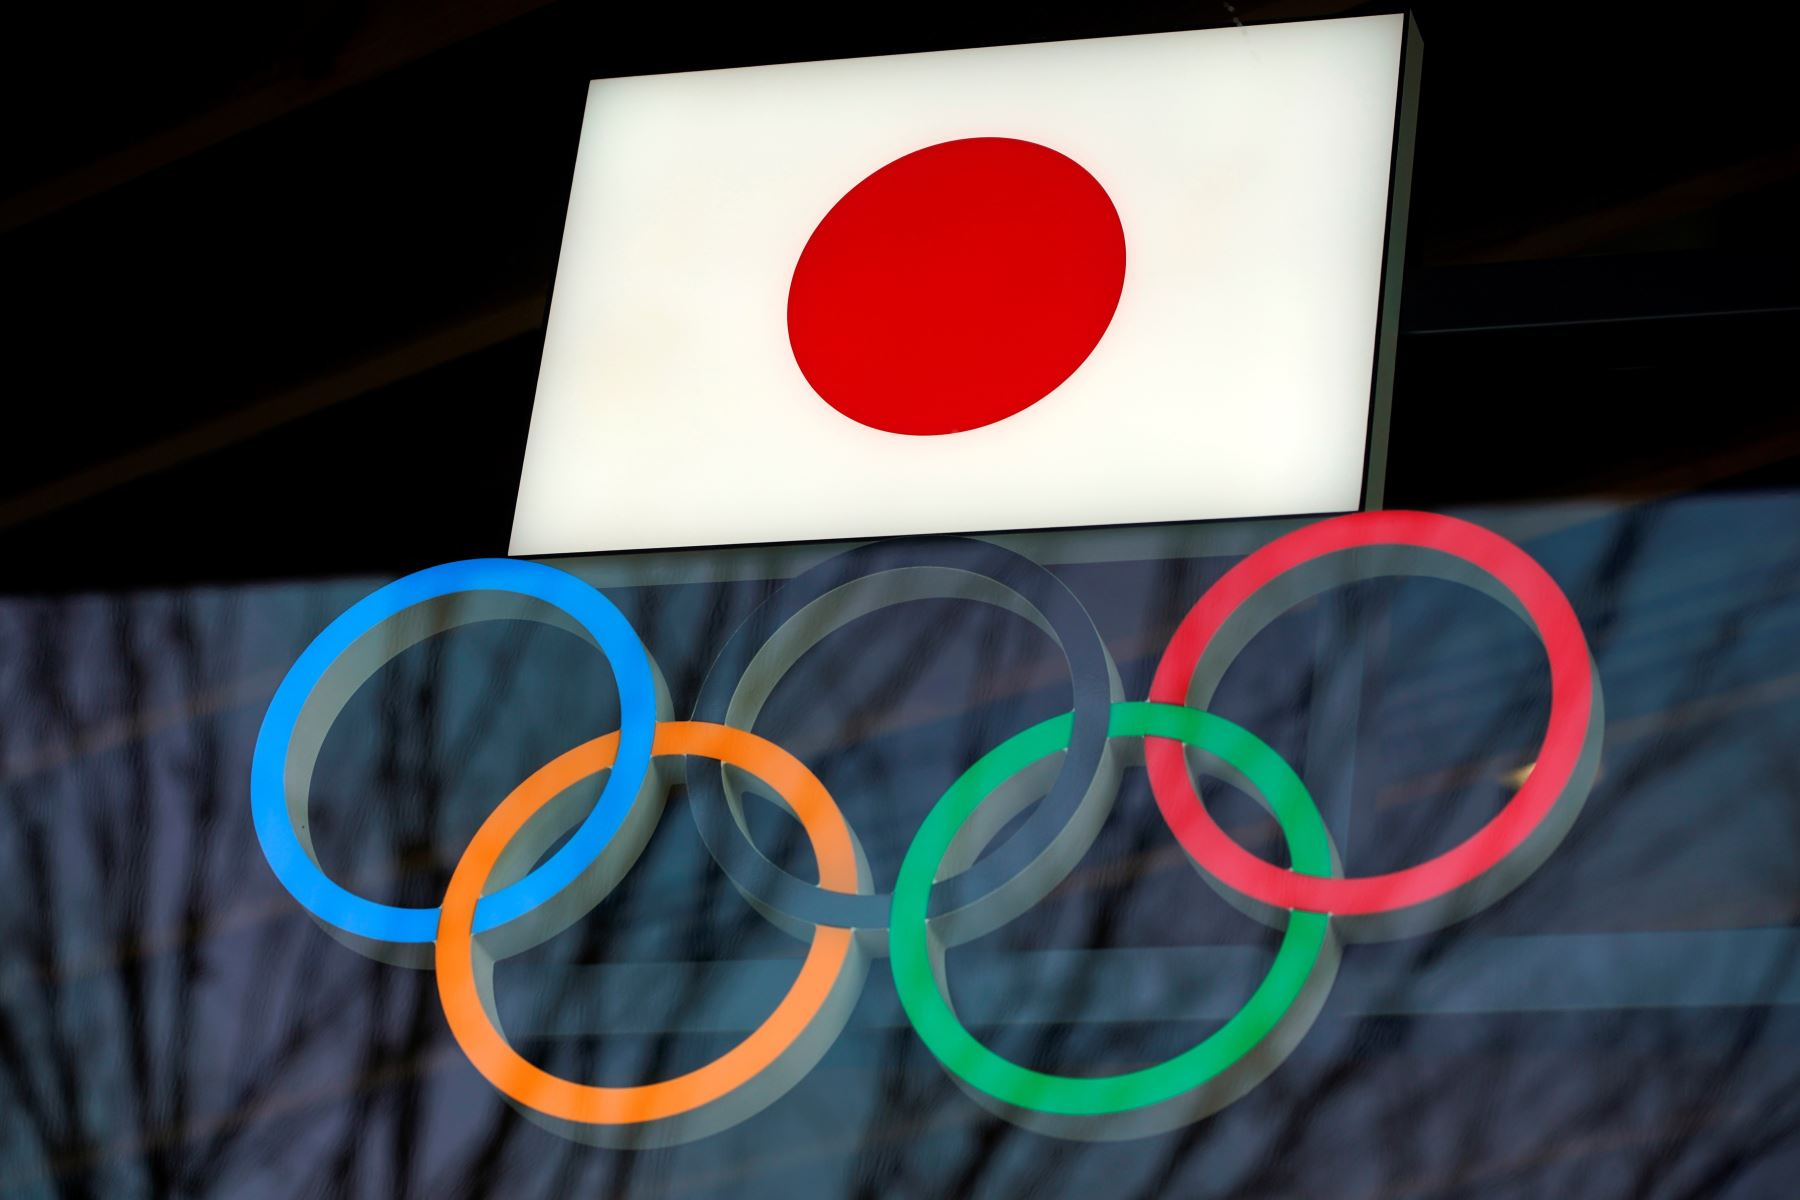 Japón cumplirá medio año antes de la apertura de los Juegos Olímpicos de Tokio 2020, que se pospusieron debido a la pandemia de coronavirus. Los Juegos Olímpicos de Tokio están reprogramados para comenzar el 23 de julio 2021. Foto: EFE